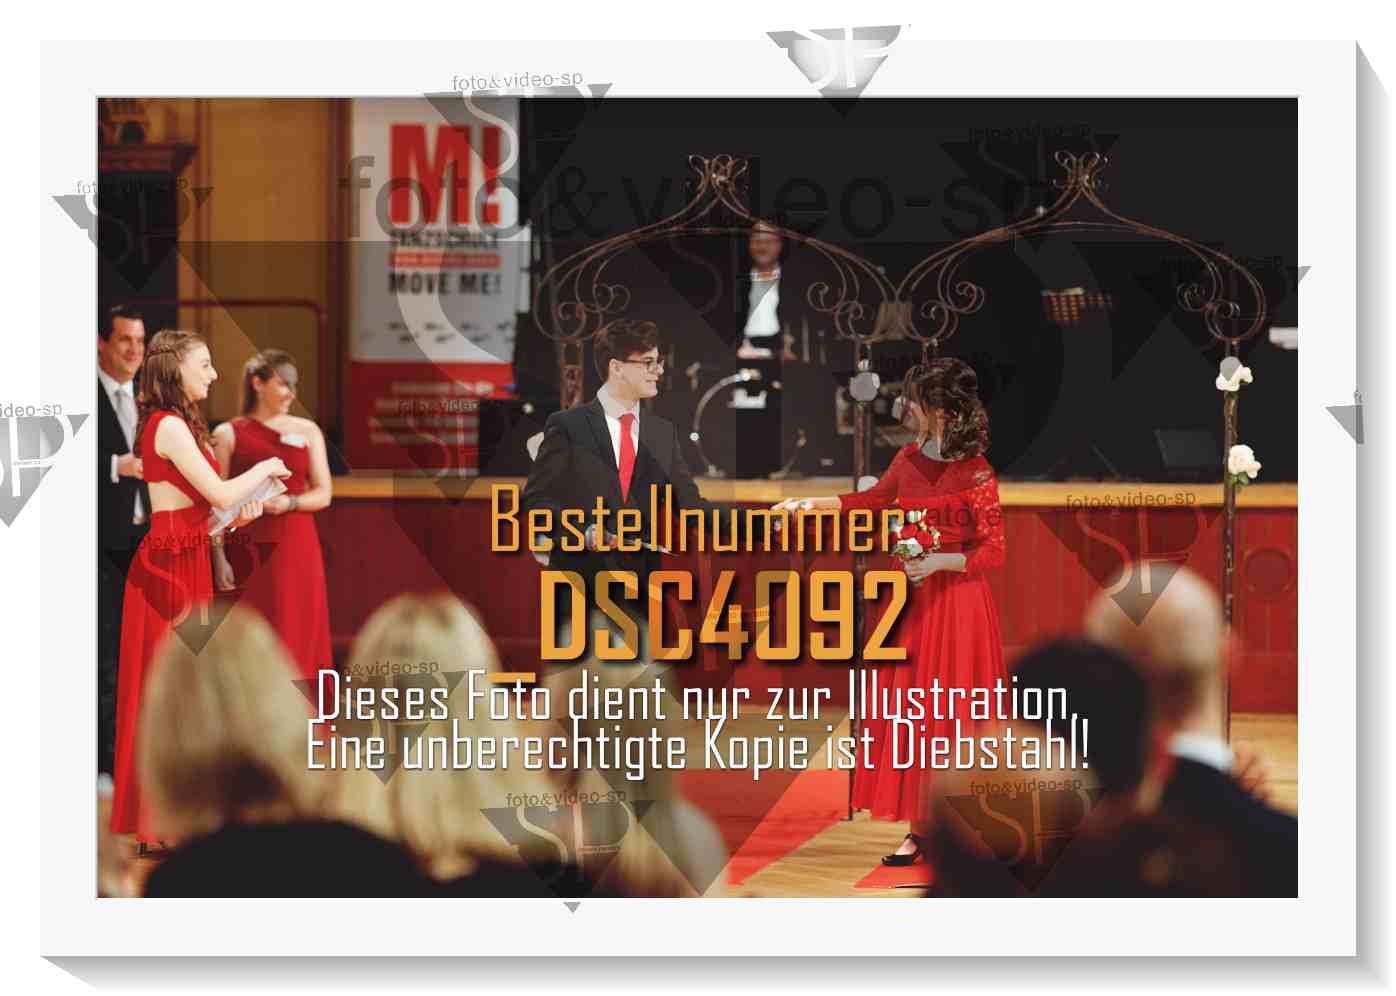 DSC4092